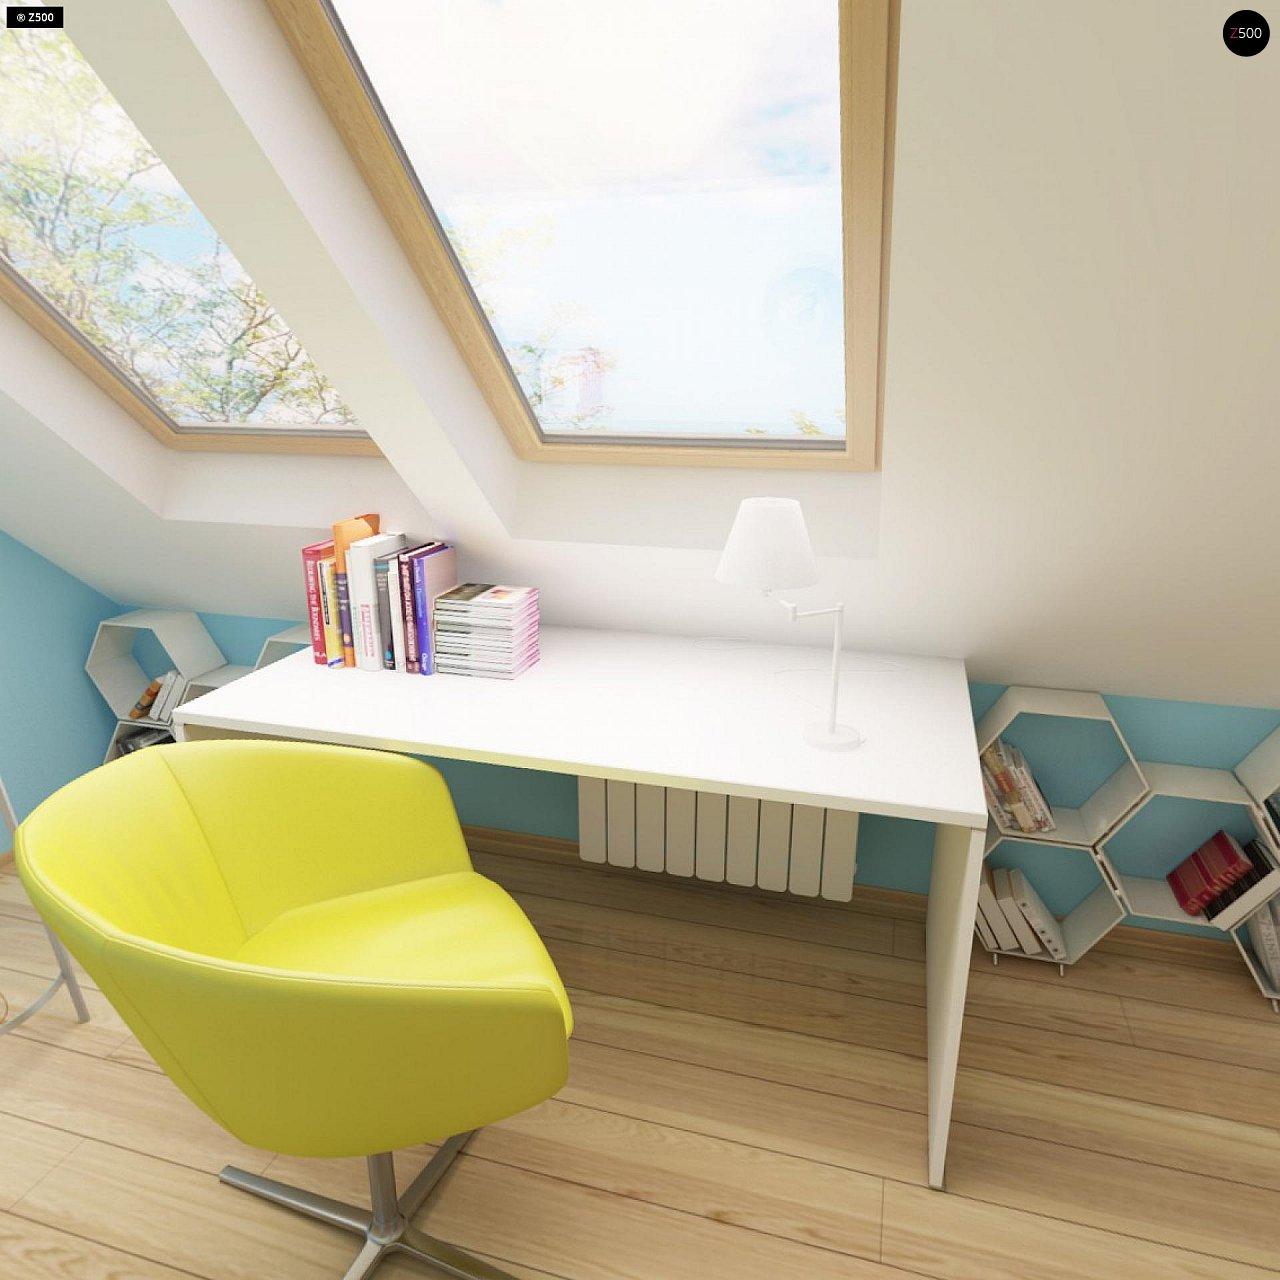 Выгодный и простой в строительстве дом с эркером в дневной зоне. 12